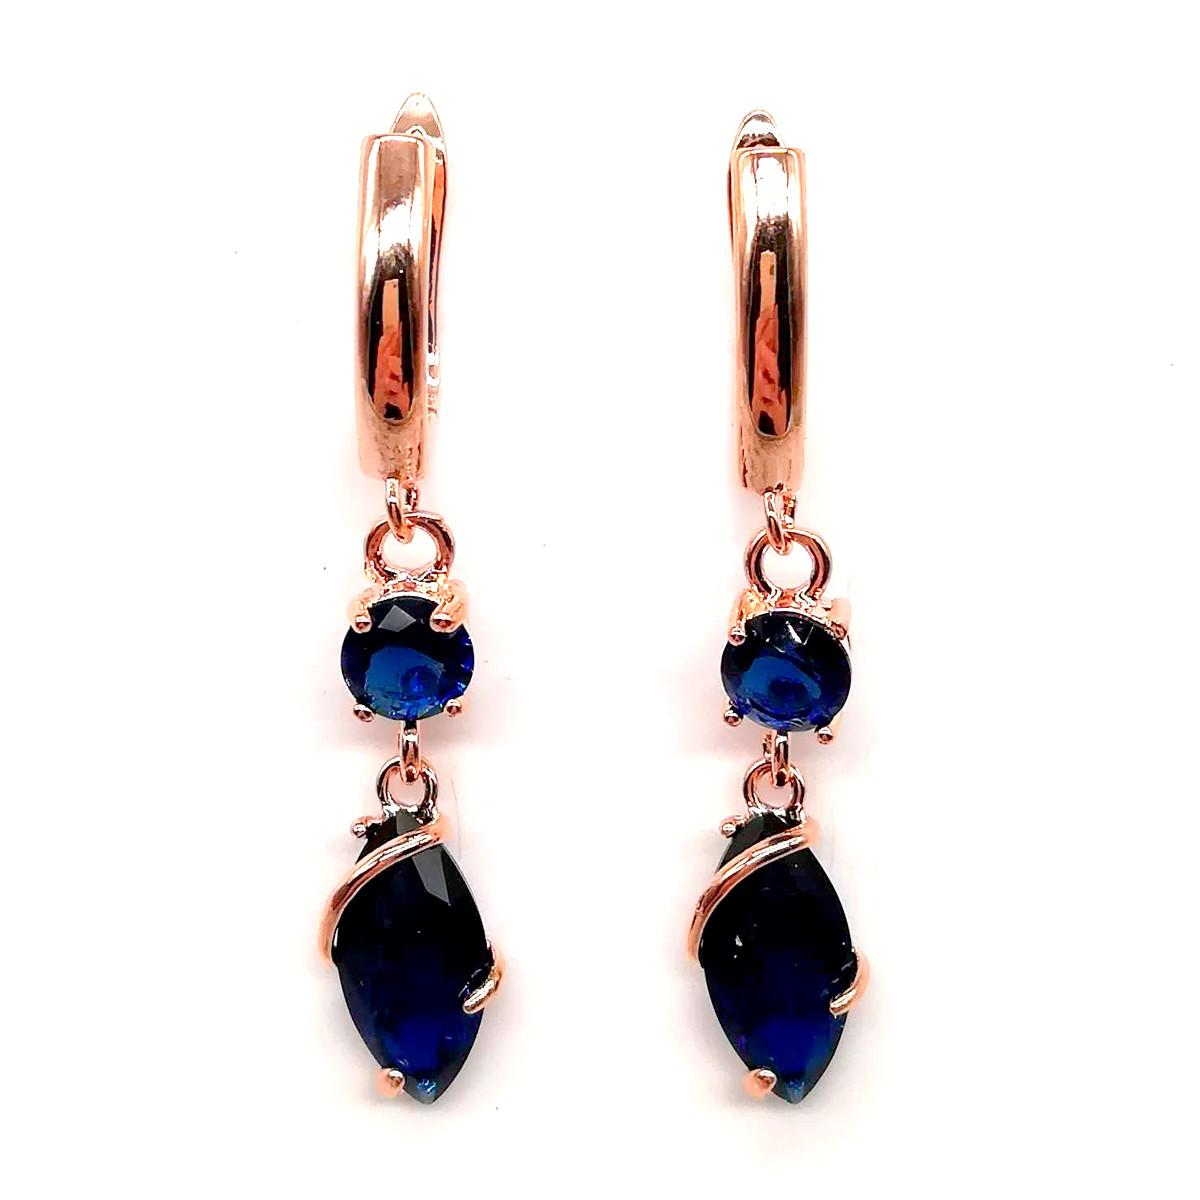 Серьги SONATA из медицинского золота, синие фианиты, позолота PO, 23404             (1)